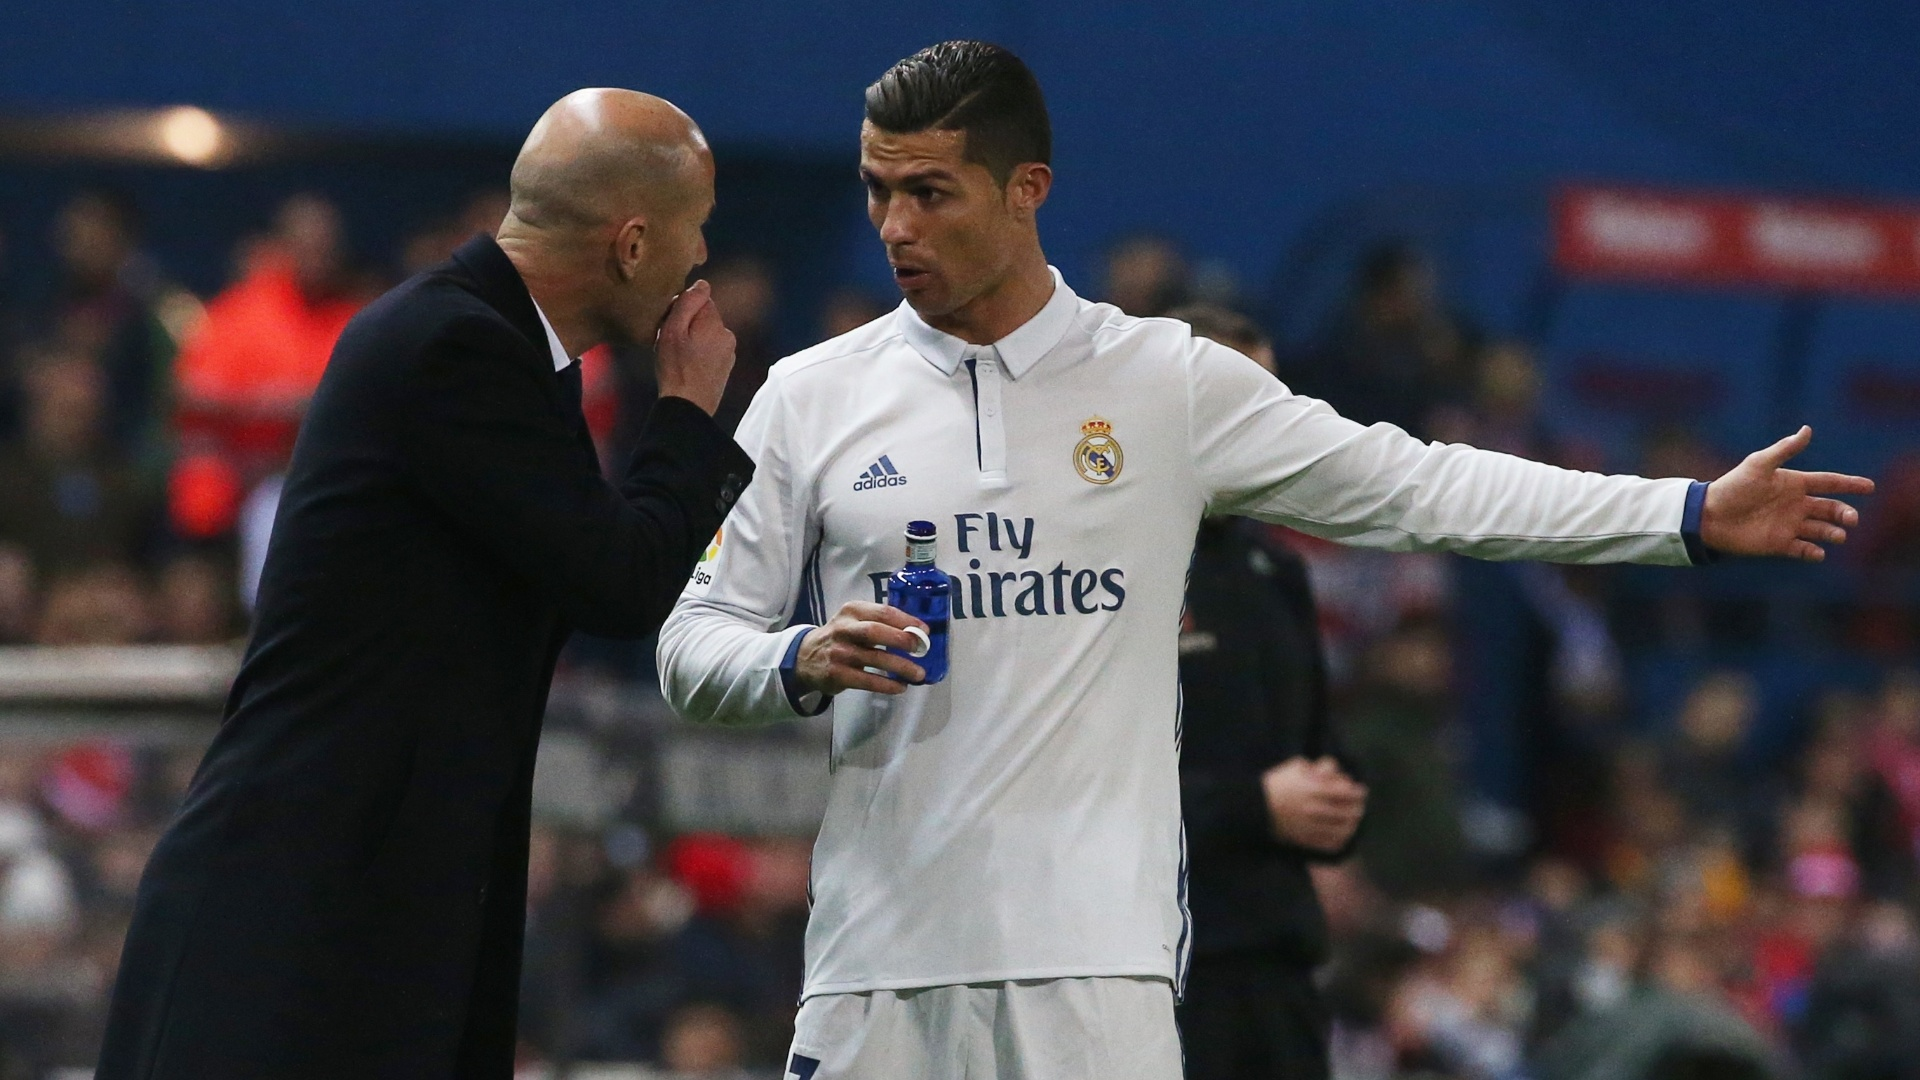 Cristiano Ronaldo conversa com Zidane, técnico do Real Madrid, durante uma partida do Campeonato Espanhol